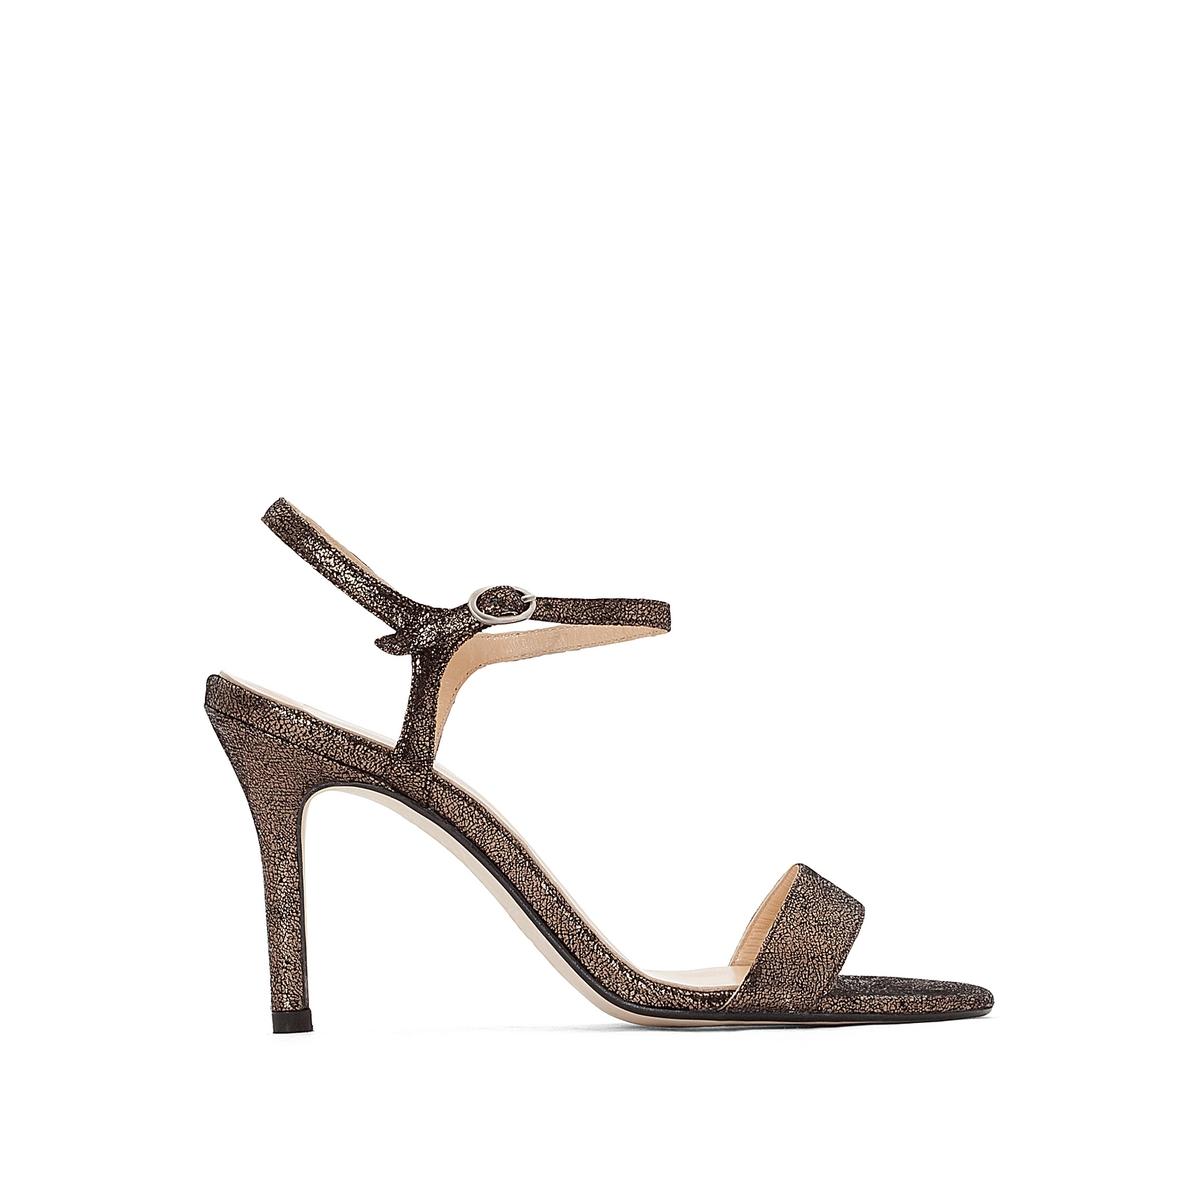 Босоножки кожаные на шпилькеВерх : кожа   Подкладка : кожа   Стелька : кожа   Подошва : эластомер   Высота каблука : 7 см   Форма каблука : шпилька   Мысок : открытый   Застежка : пряжка<br><br>Цвет: серый металлик<br>Размер: 37